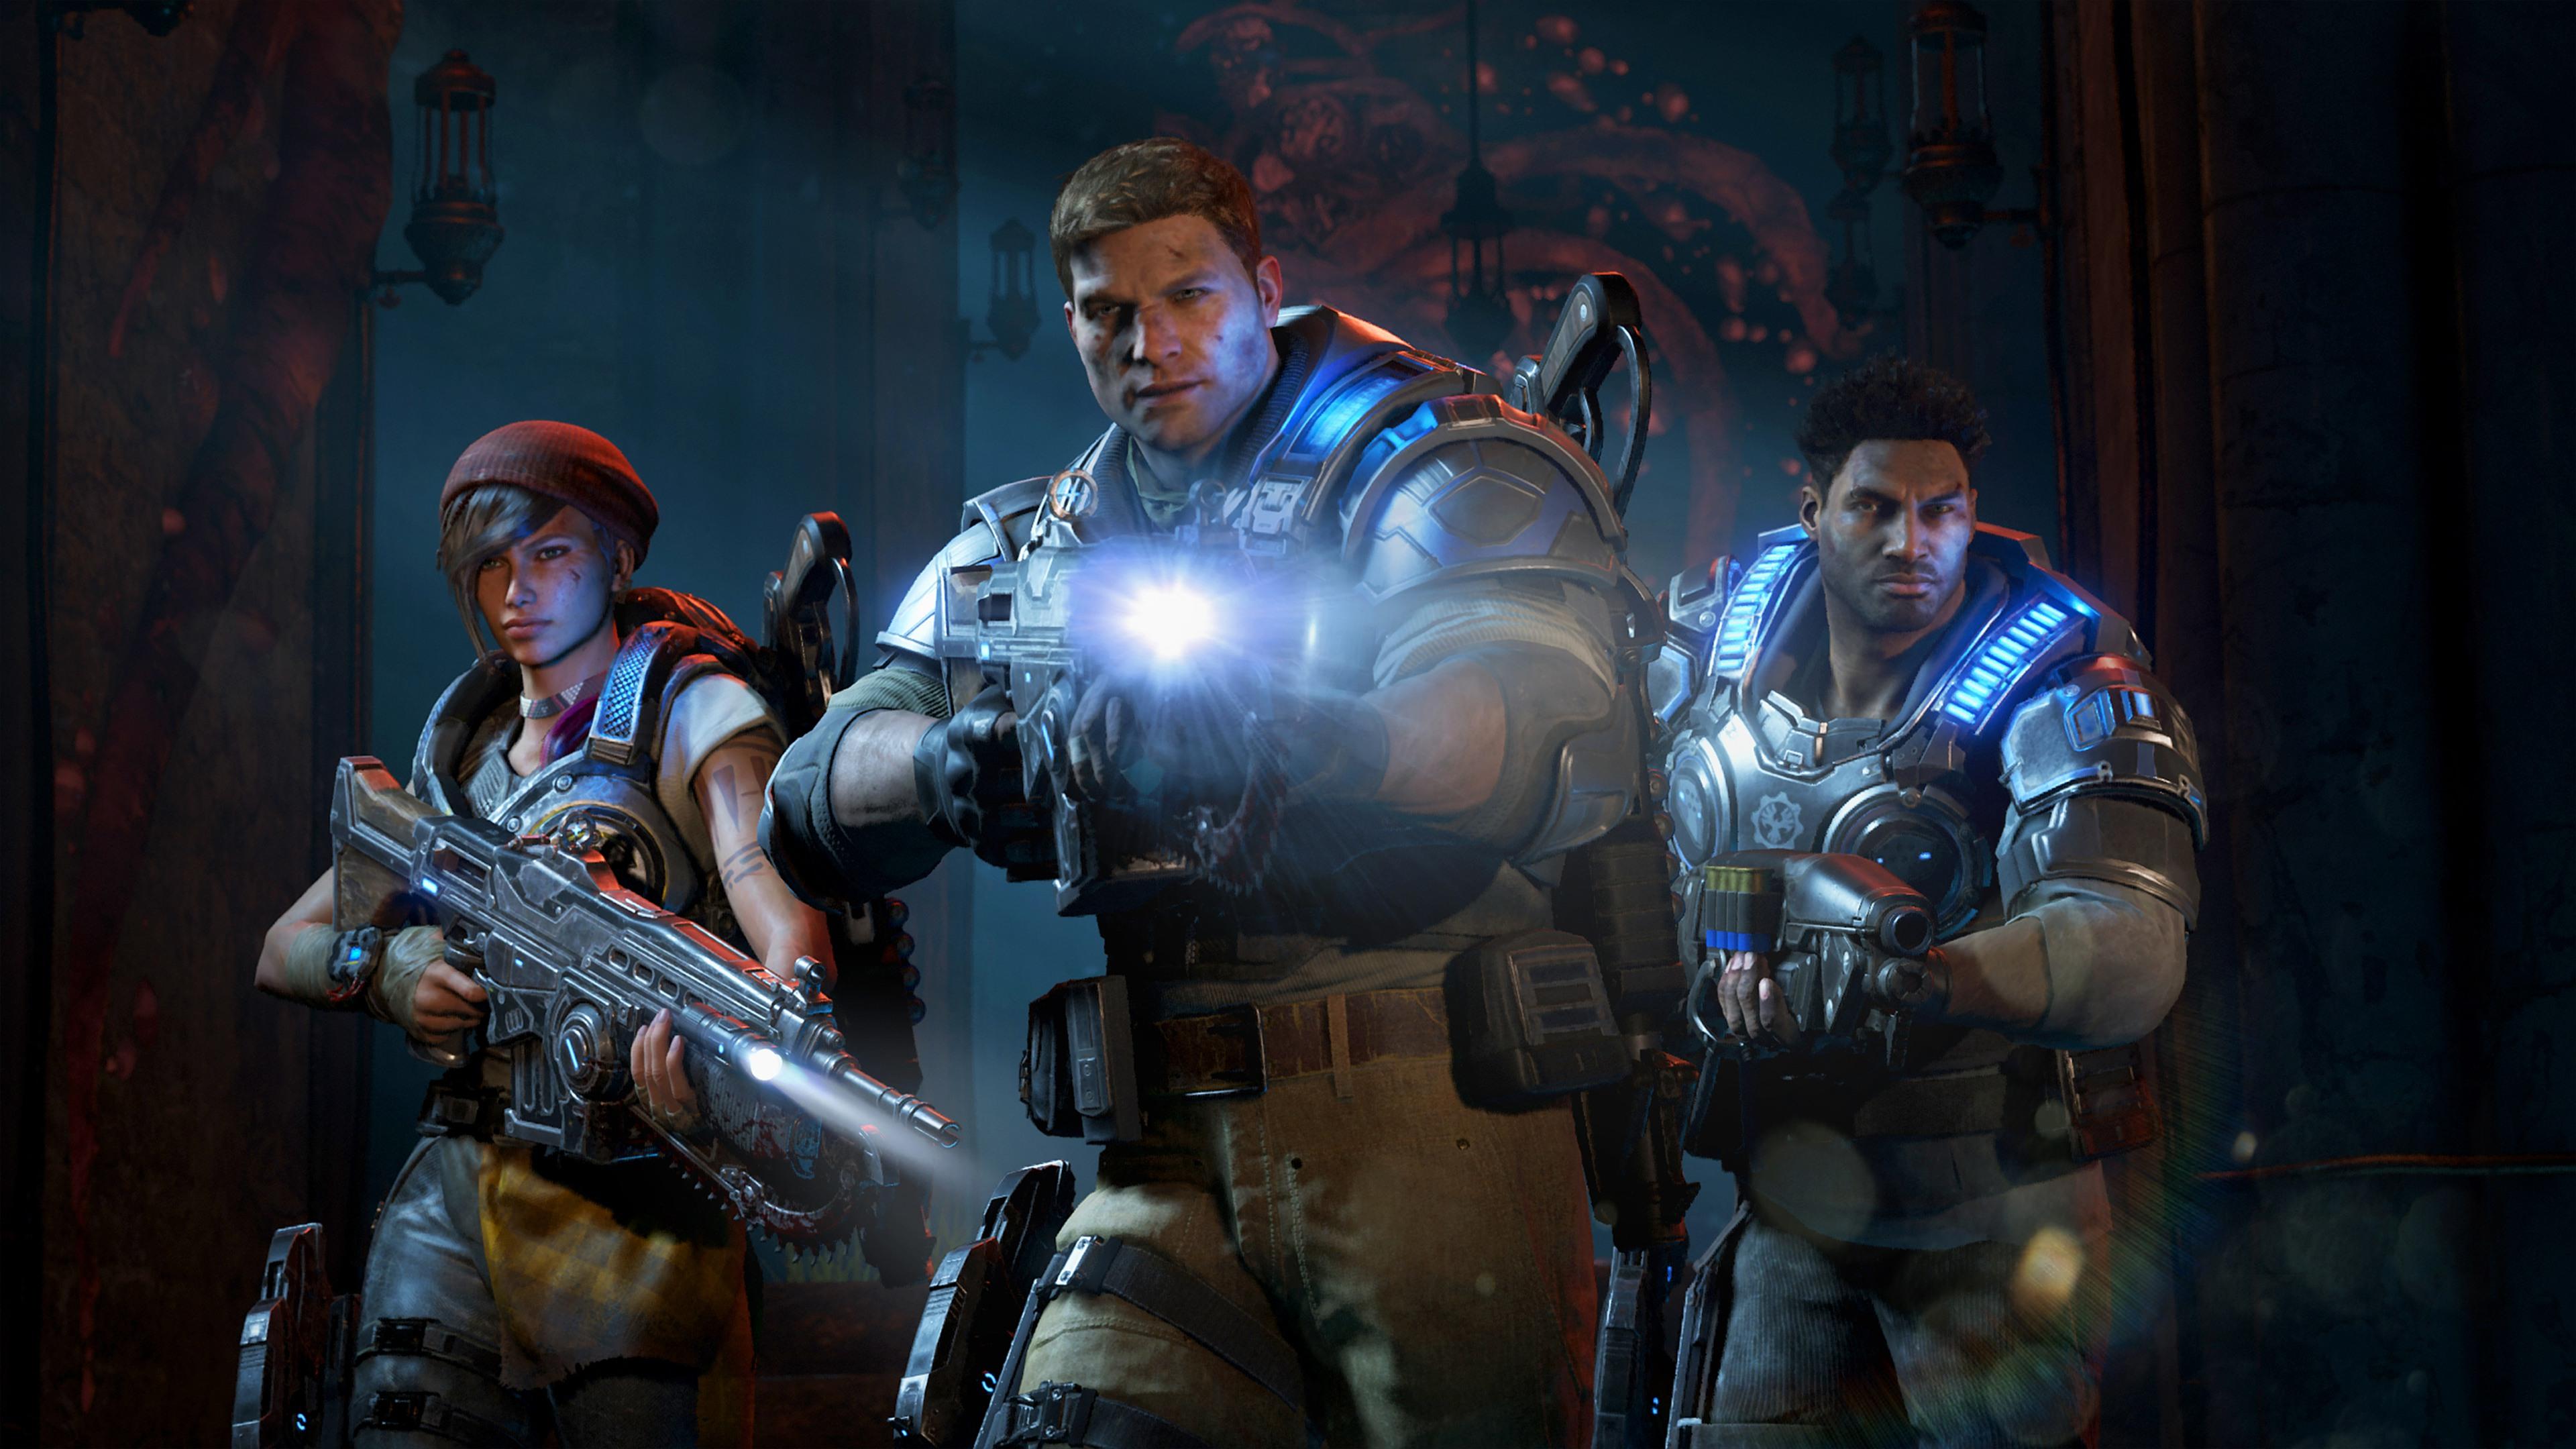 2016 gears of war 4 hd games 4k wallpapers images - Wallpaper gears of war 4 ...